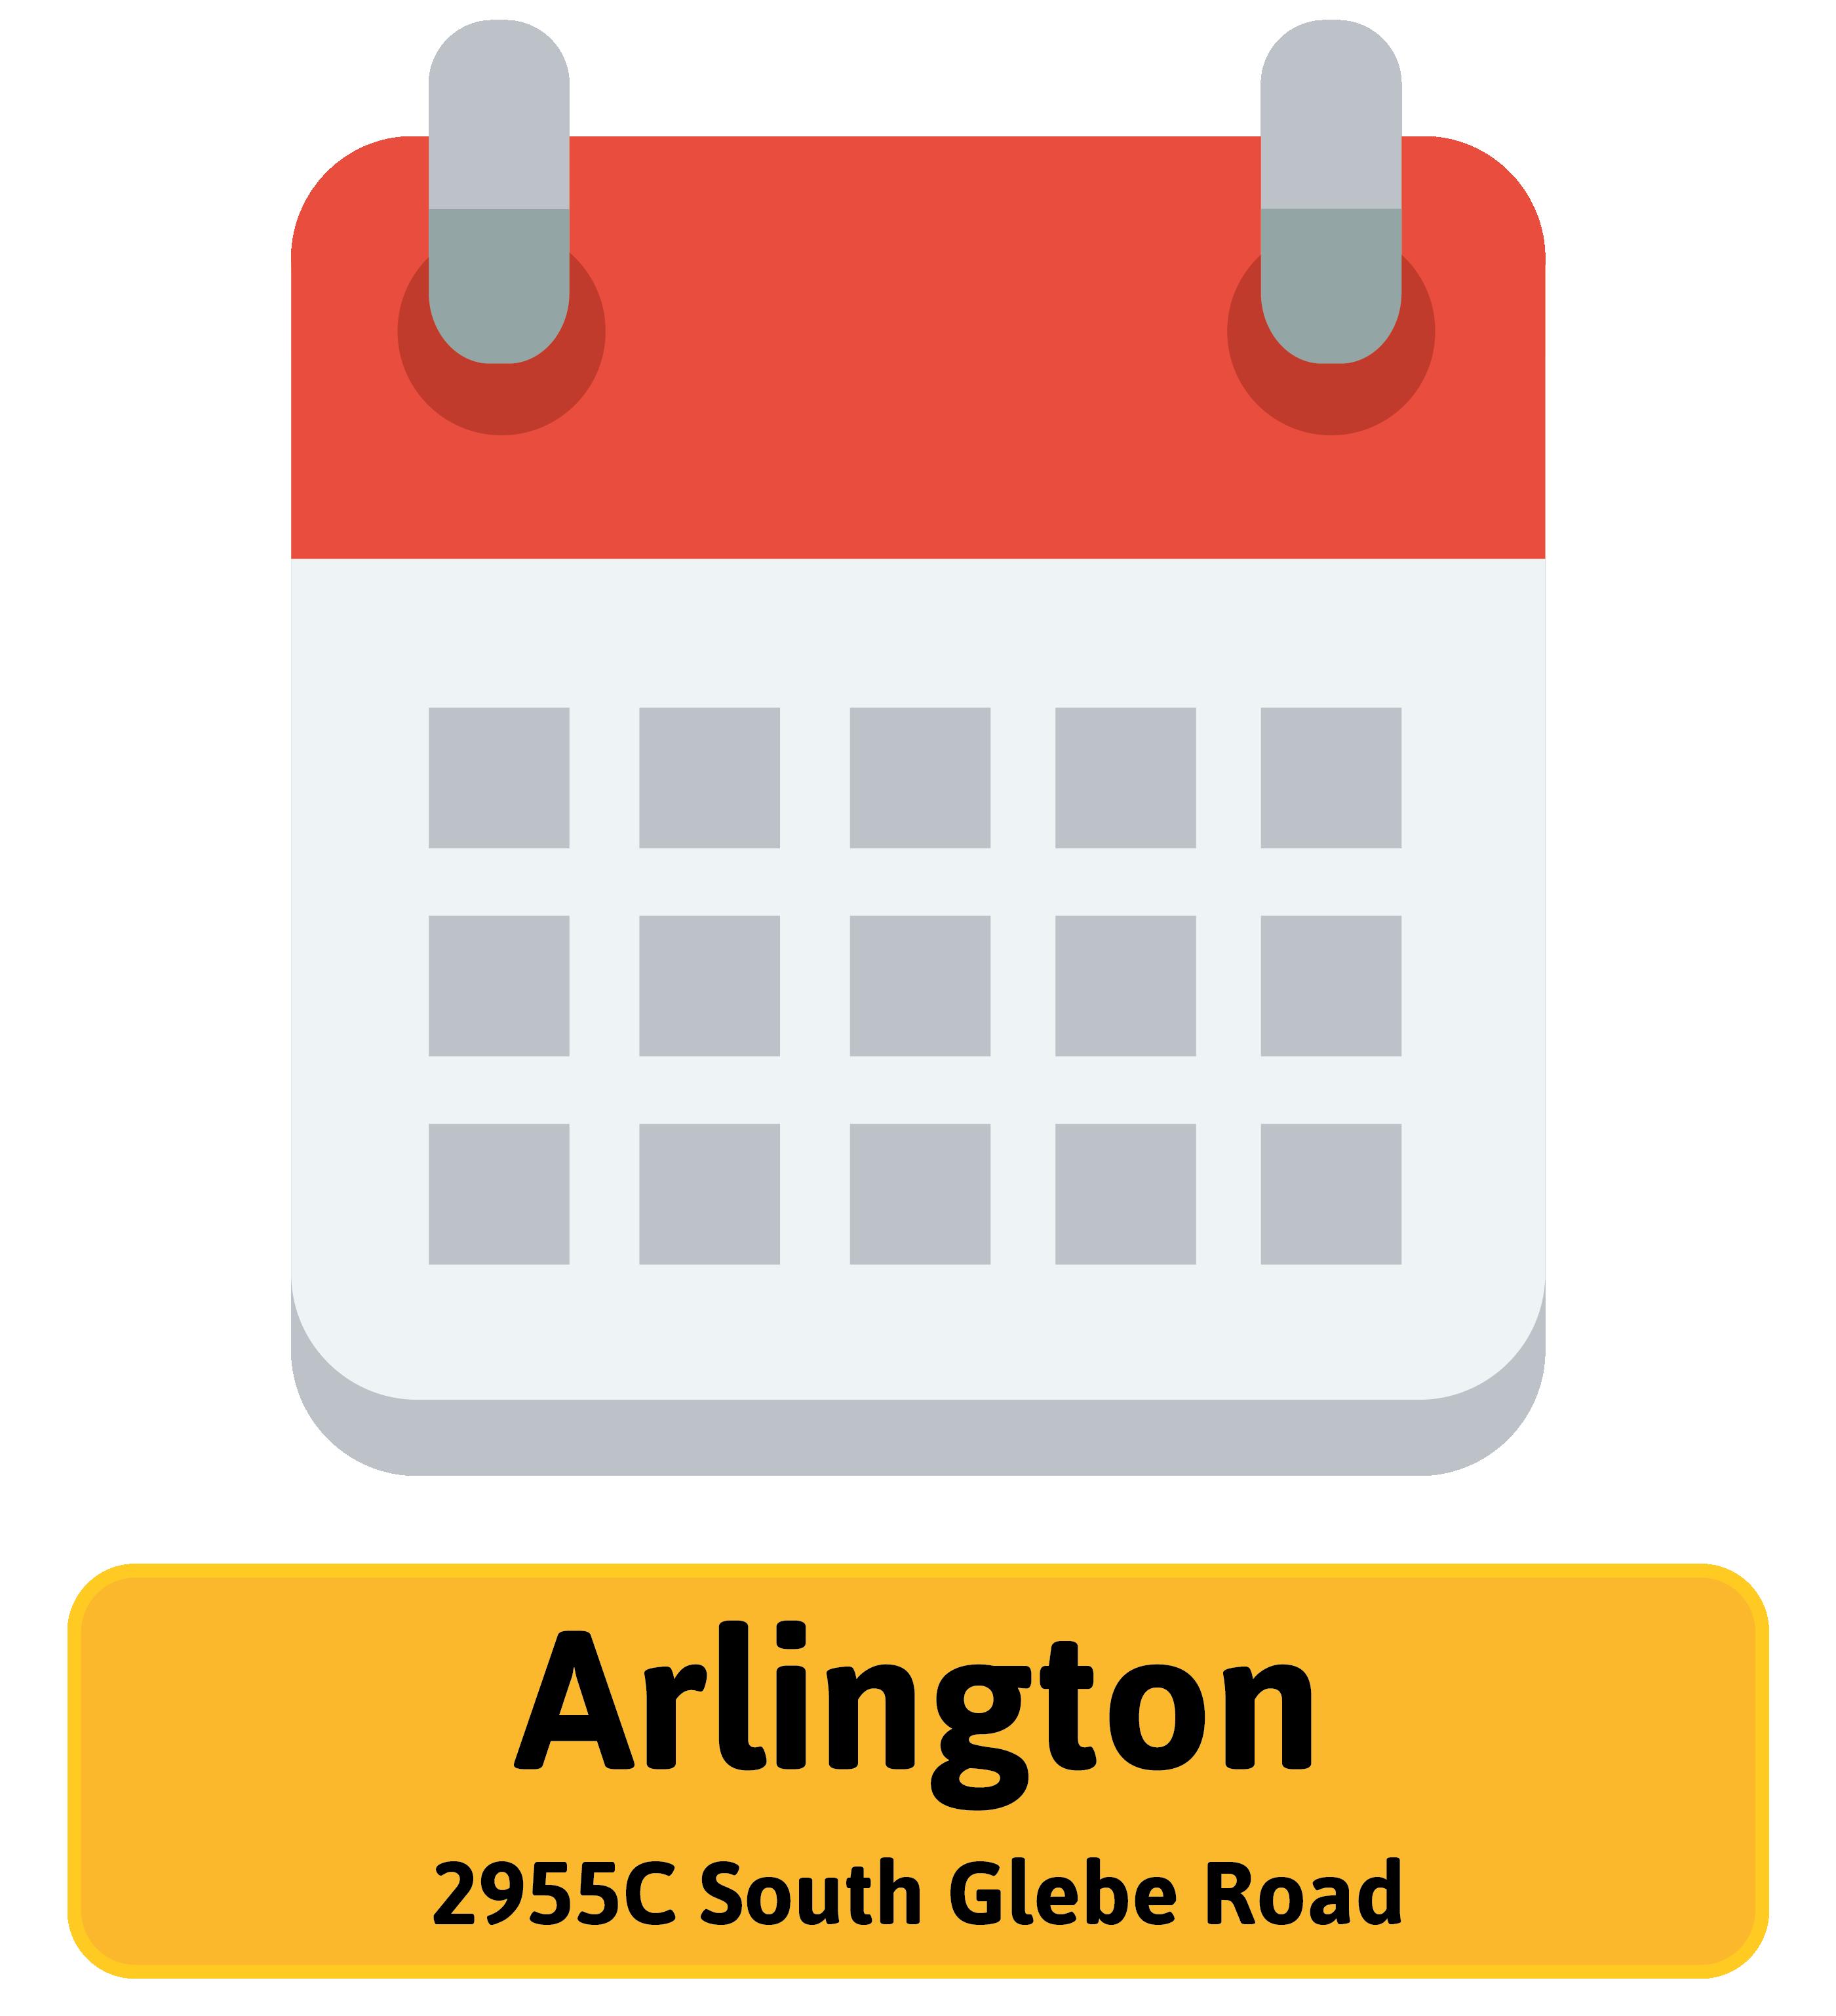 schedule clipart last week